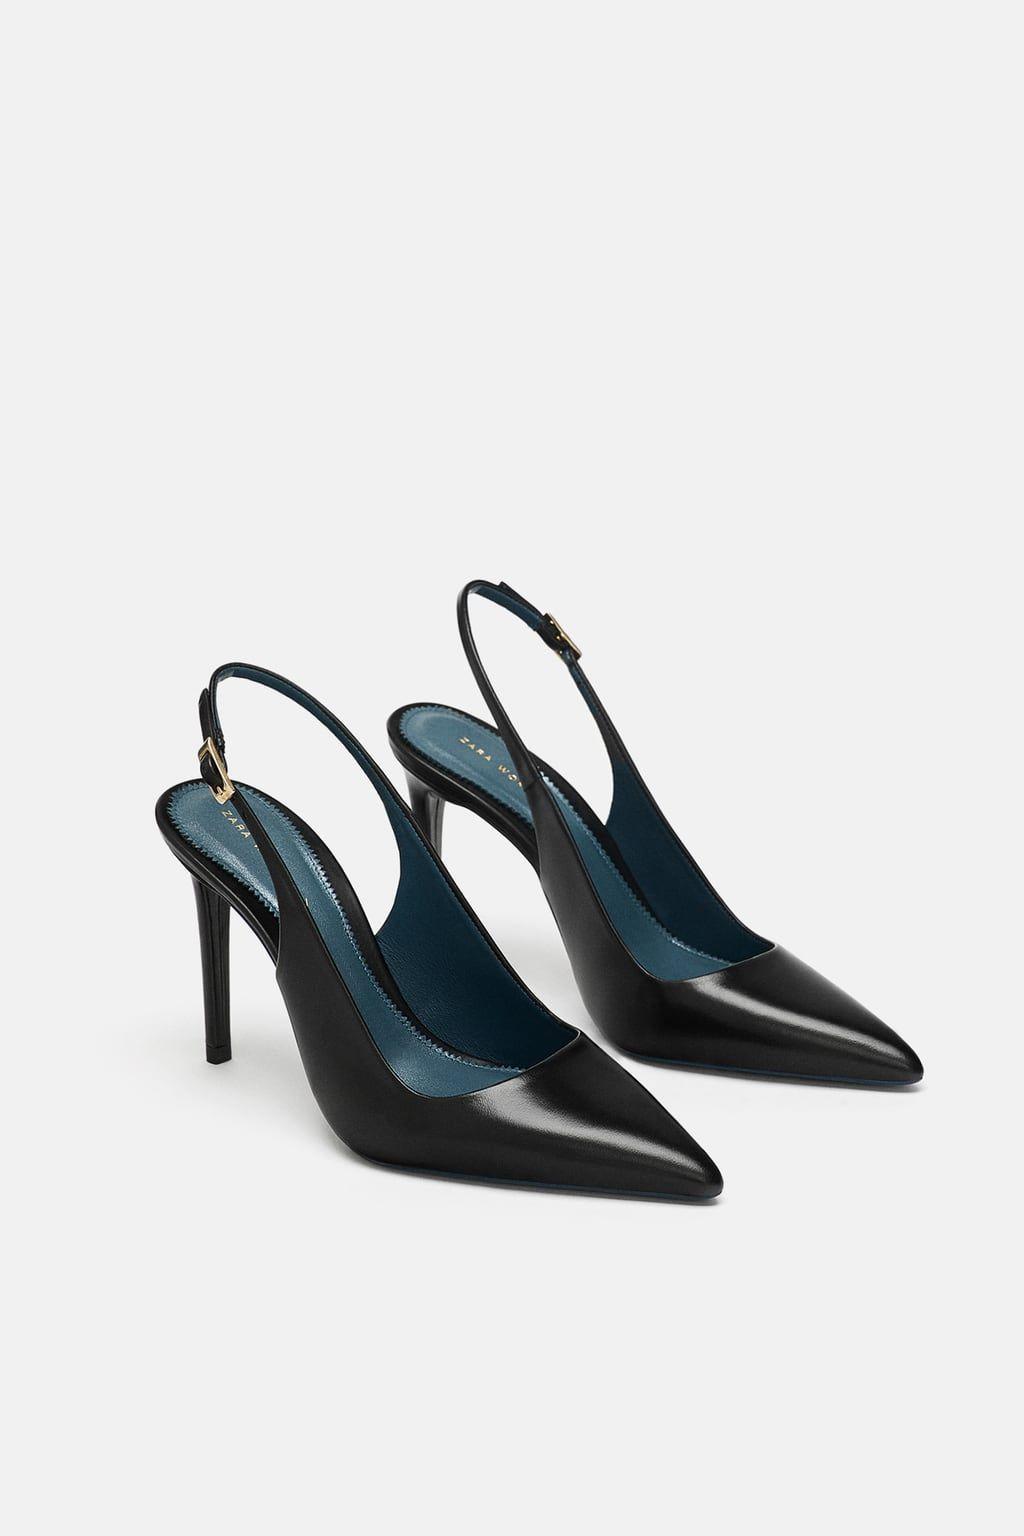 e18fda54 Imagen 1 de DESTALONADO PIEL de Zara | Calzado en 2019 | Zapatos ...